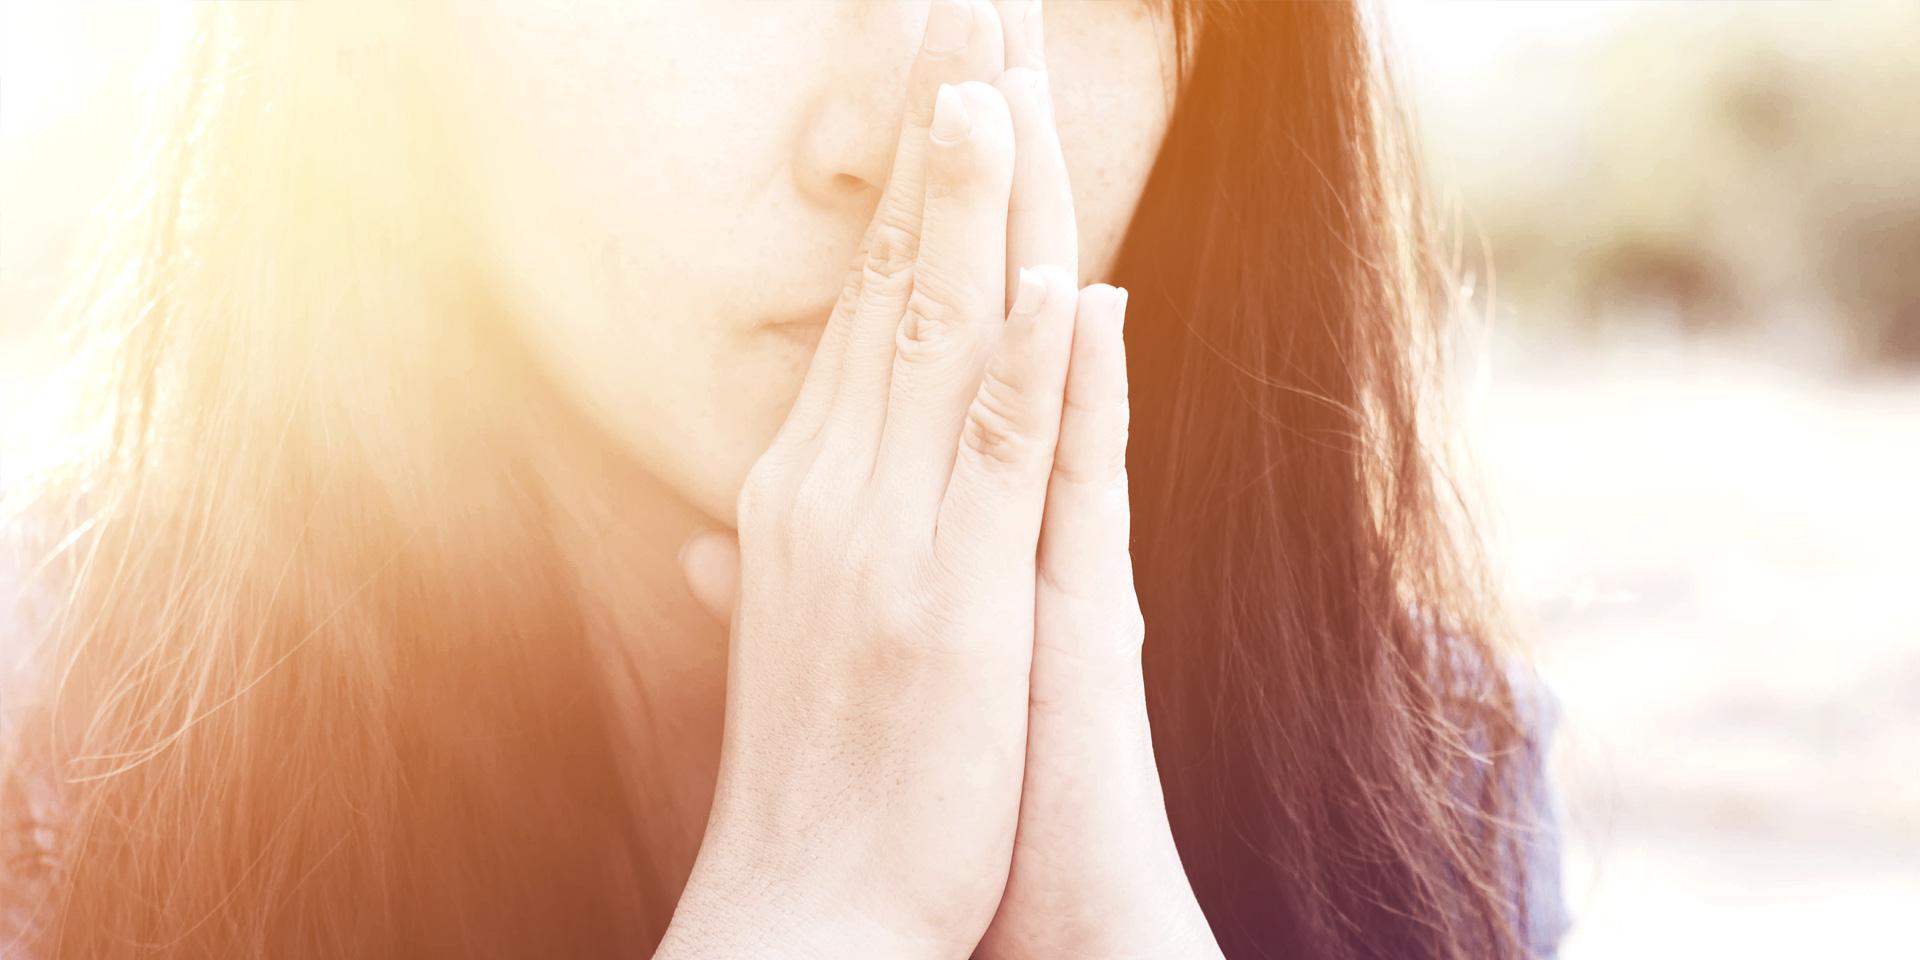 Woman praying in meadow at sunset Bild-Nr. 139292259 © yupachingping - stock.adobe.com